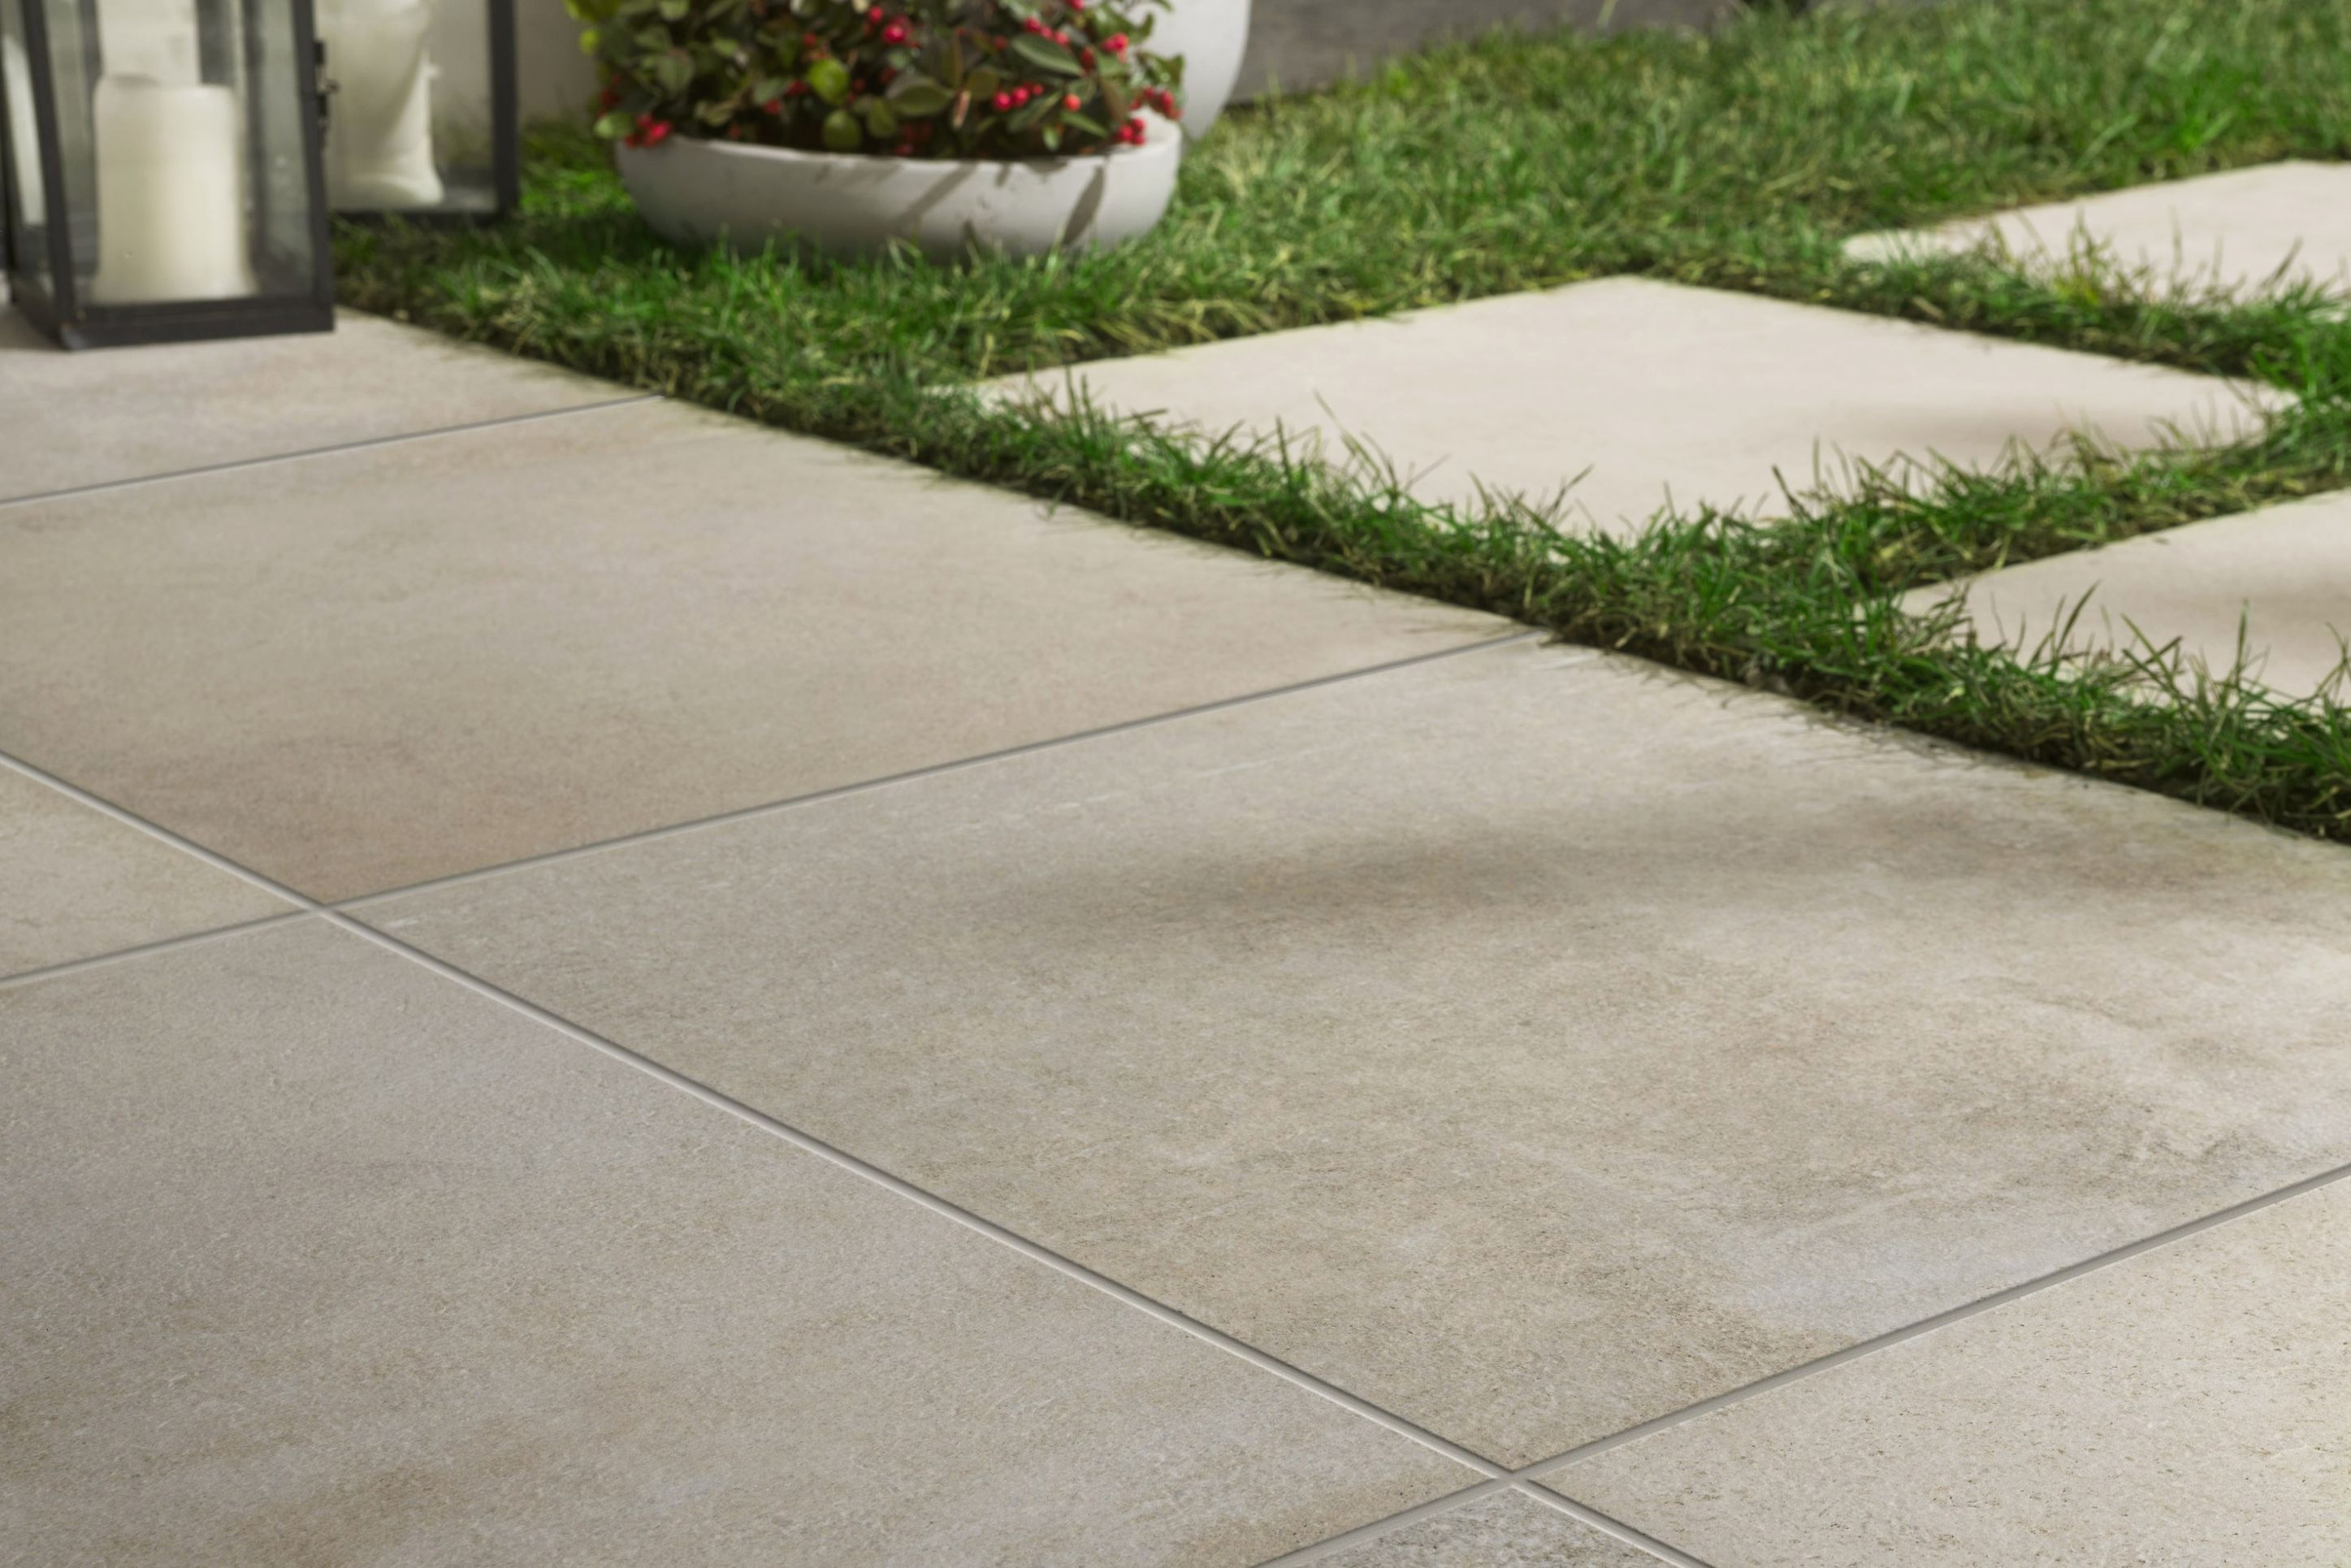 Outdoor Best Outdoor Tile For Patio Outdoor Designs Intended For Outdoor Tile Patio Patio Tiles Outdoor Tiles